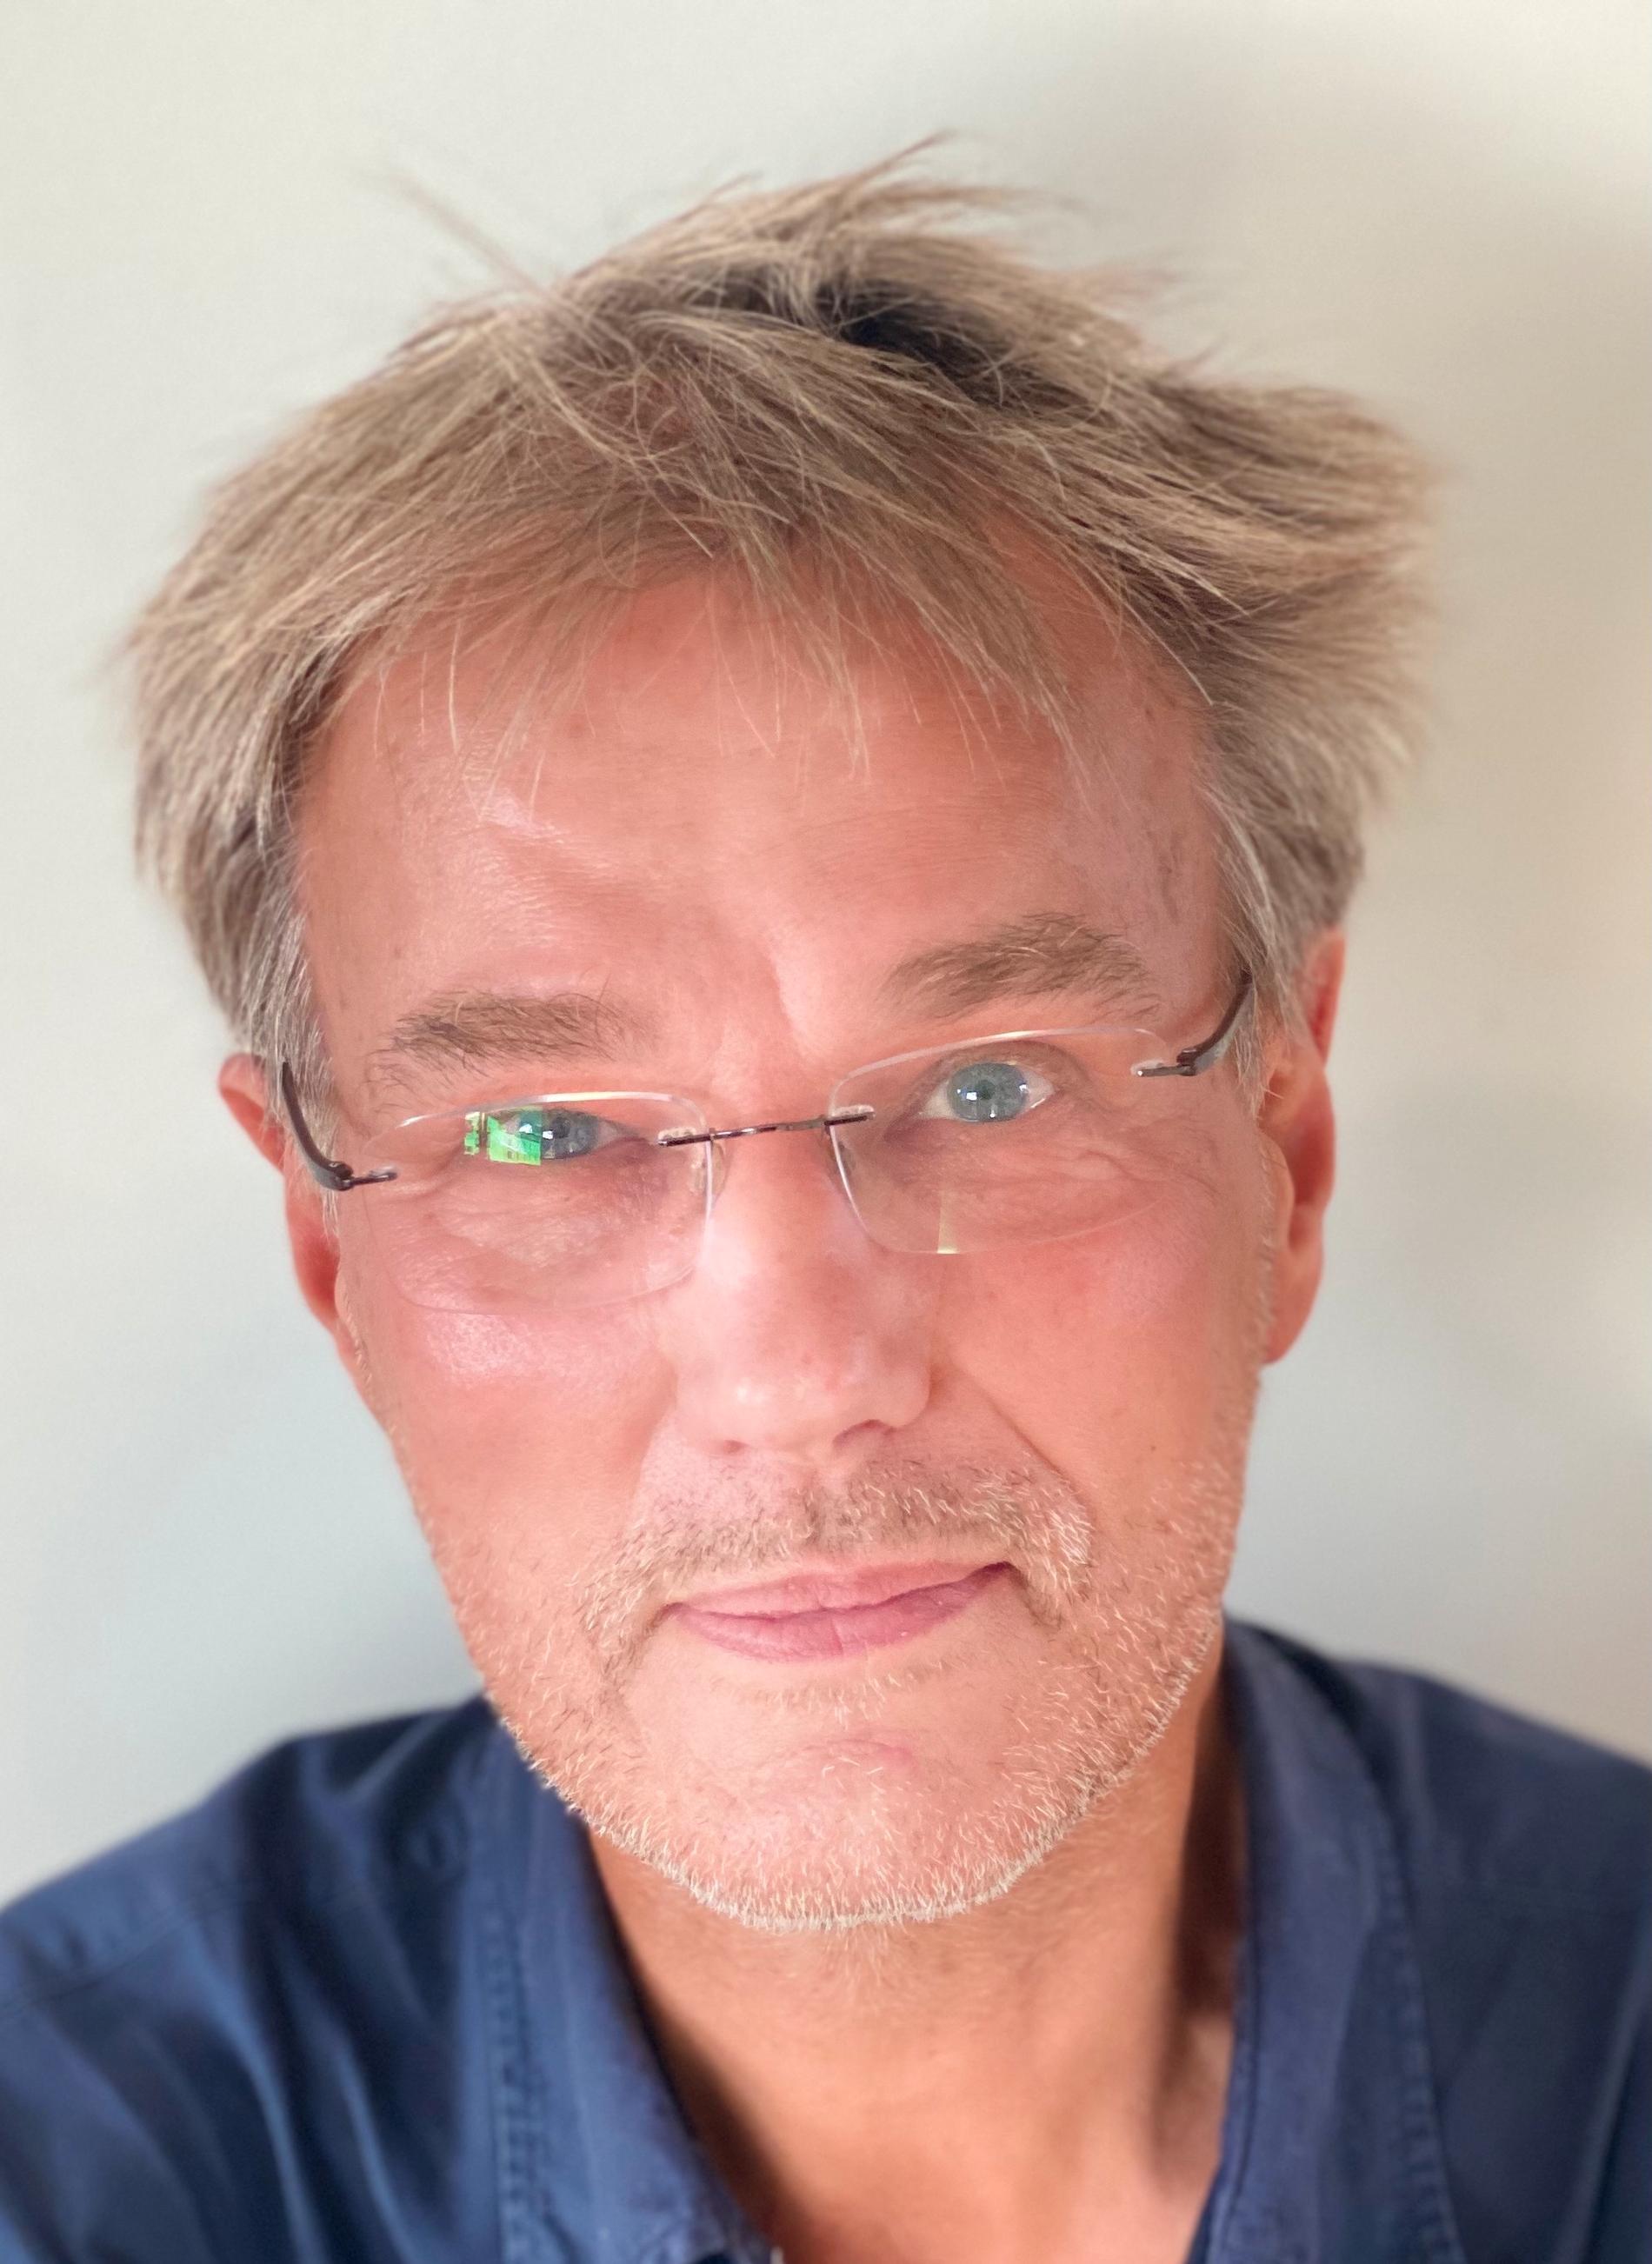 Mats Holmberg, överläkare på Karolinska universitetssjukhusets specialistcentrum för andrologi och sexualmedicin